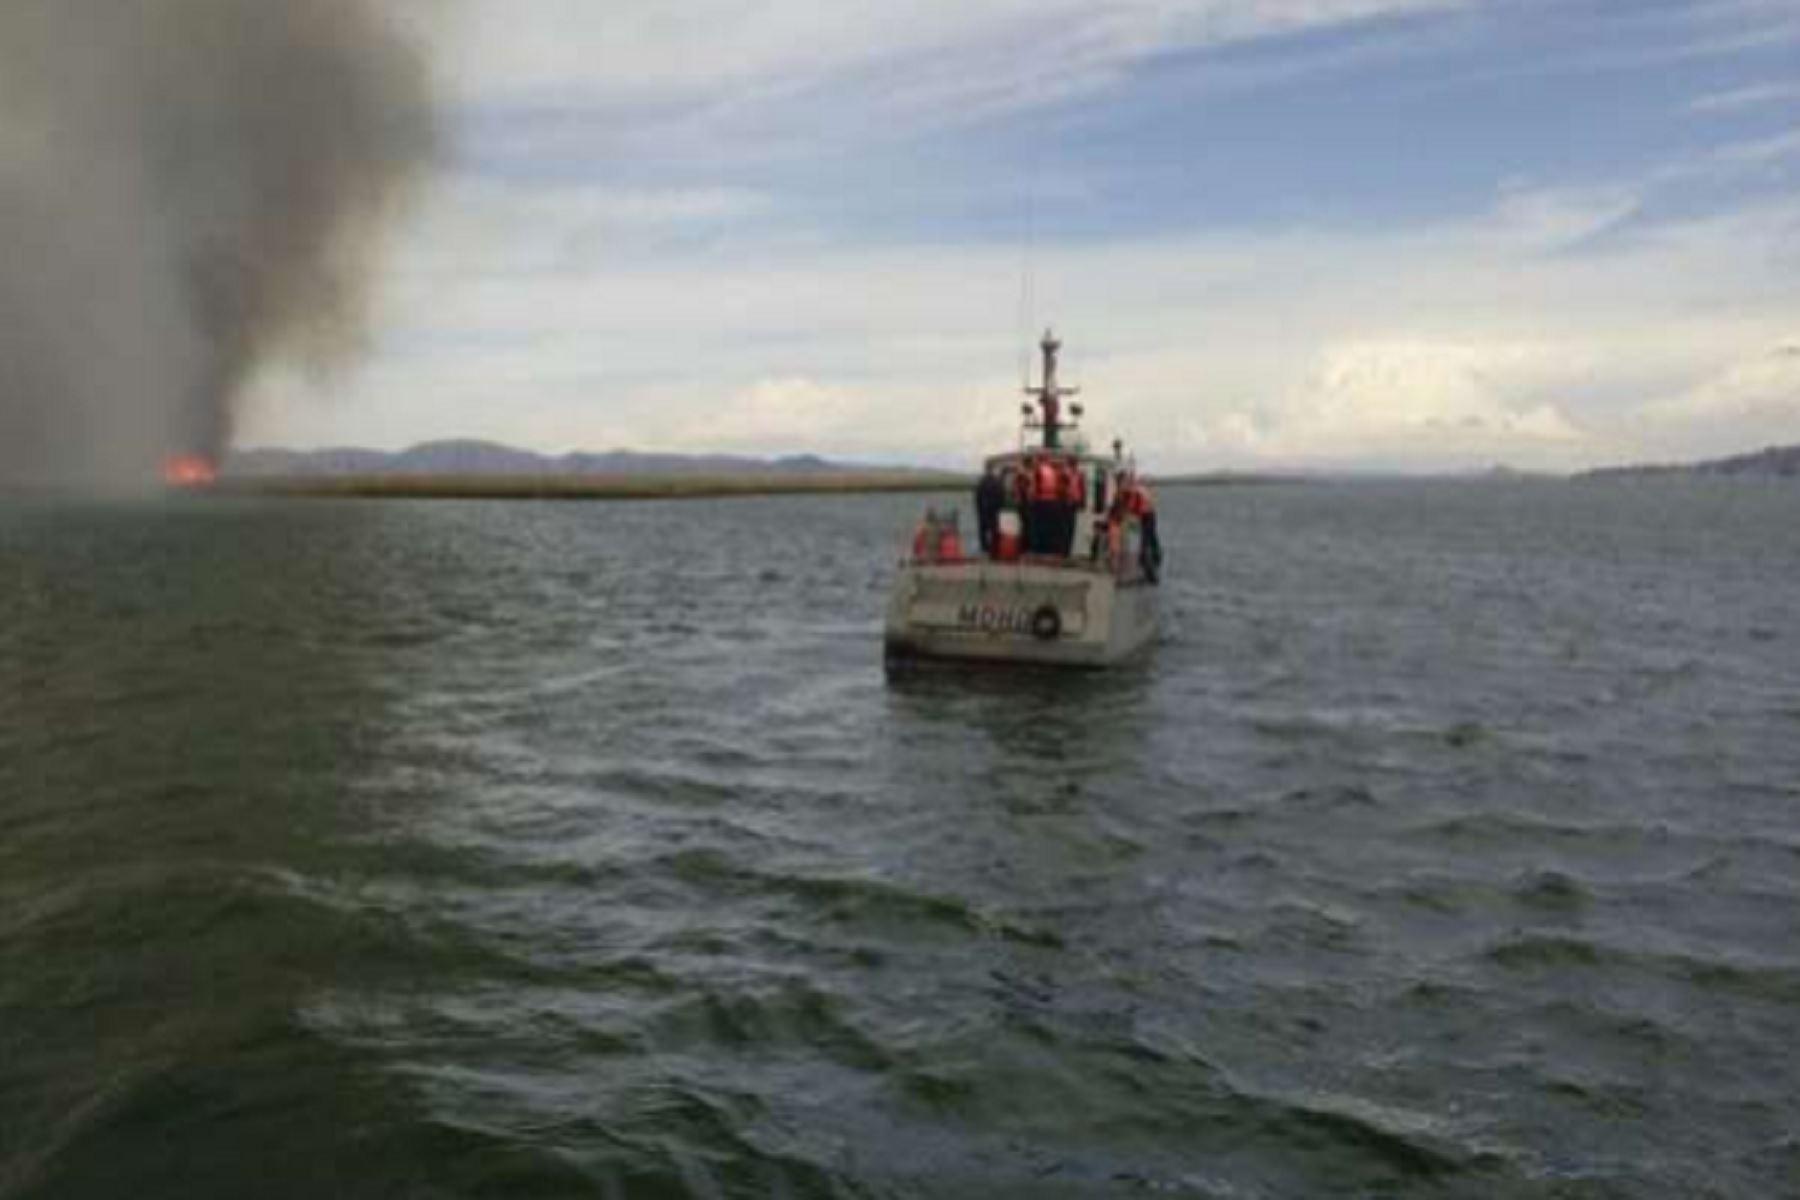 Para sofocar el incendio forestal participaron bomberos y personal de la Marina de Guerra.